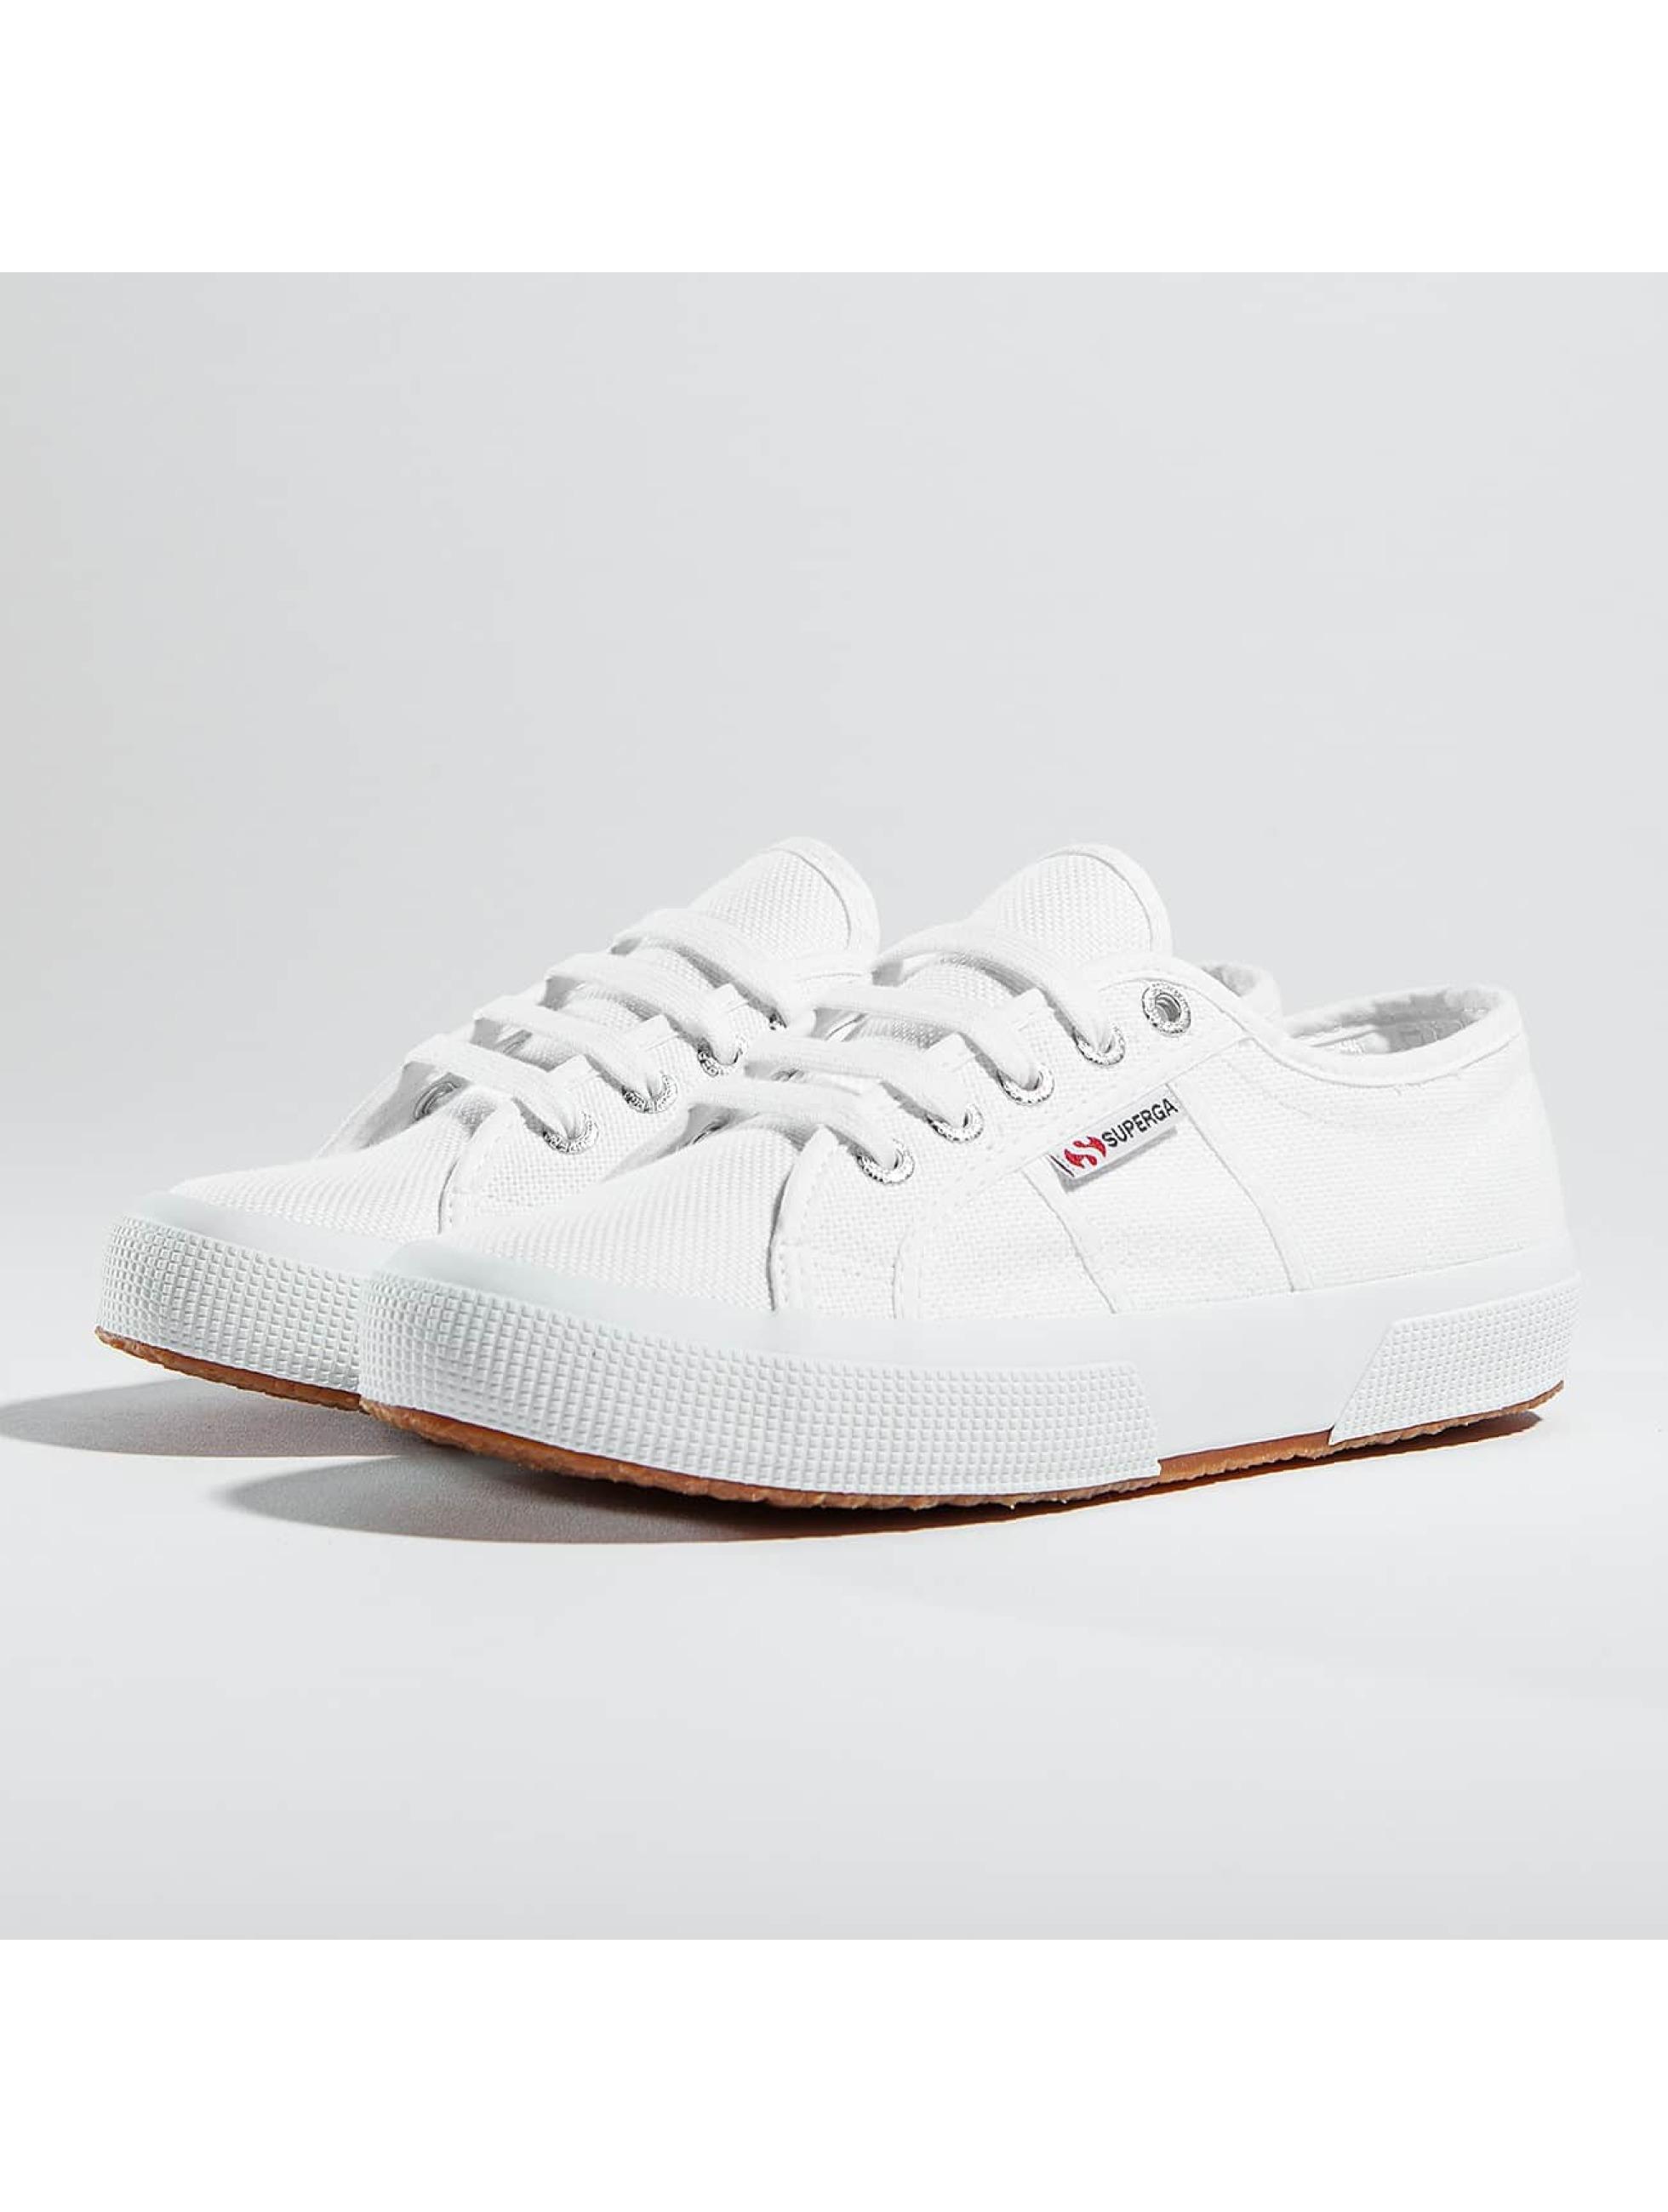 Superga Männer,Frauen Sneaker 2750 Cotu in weiß